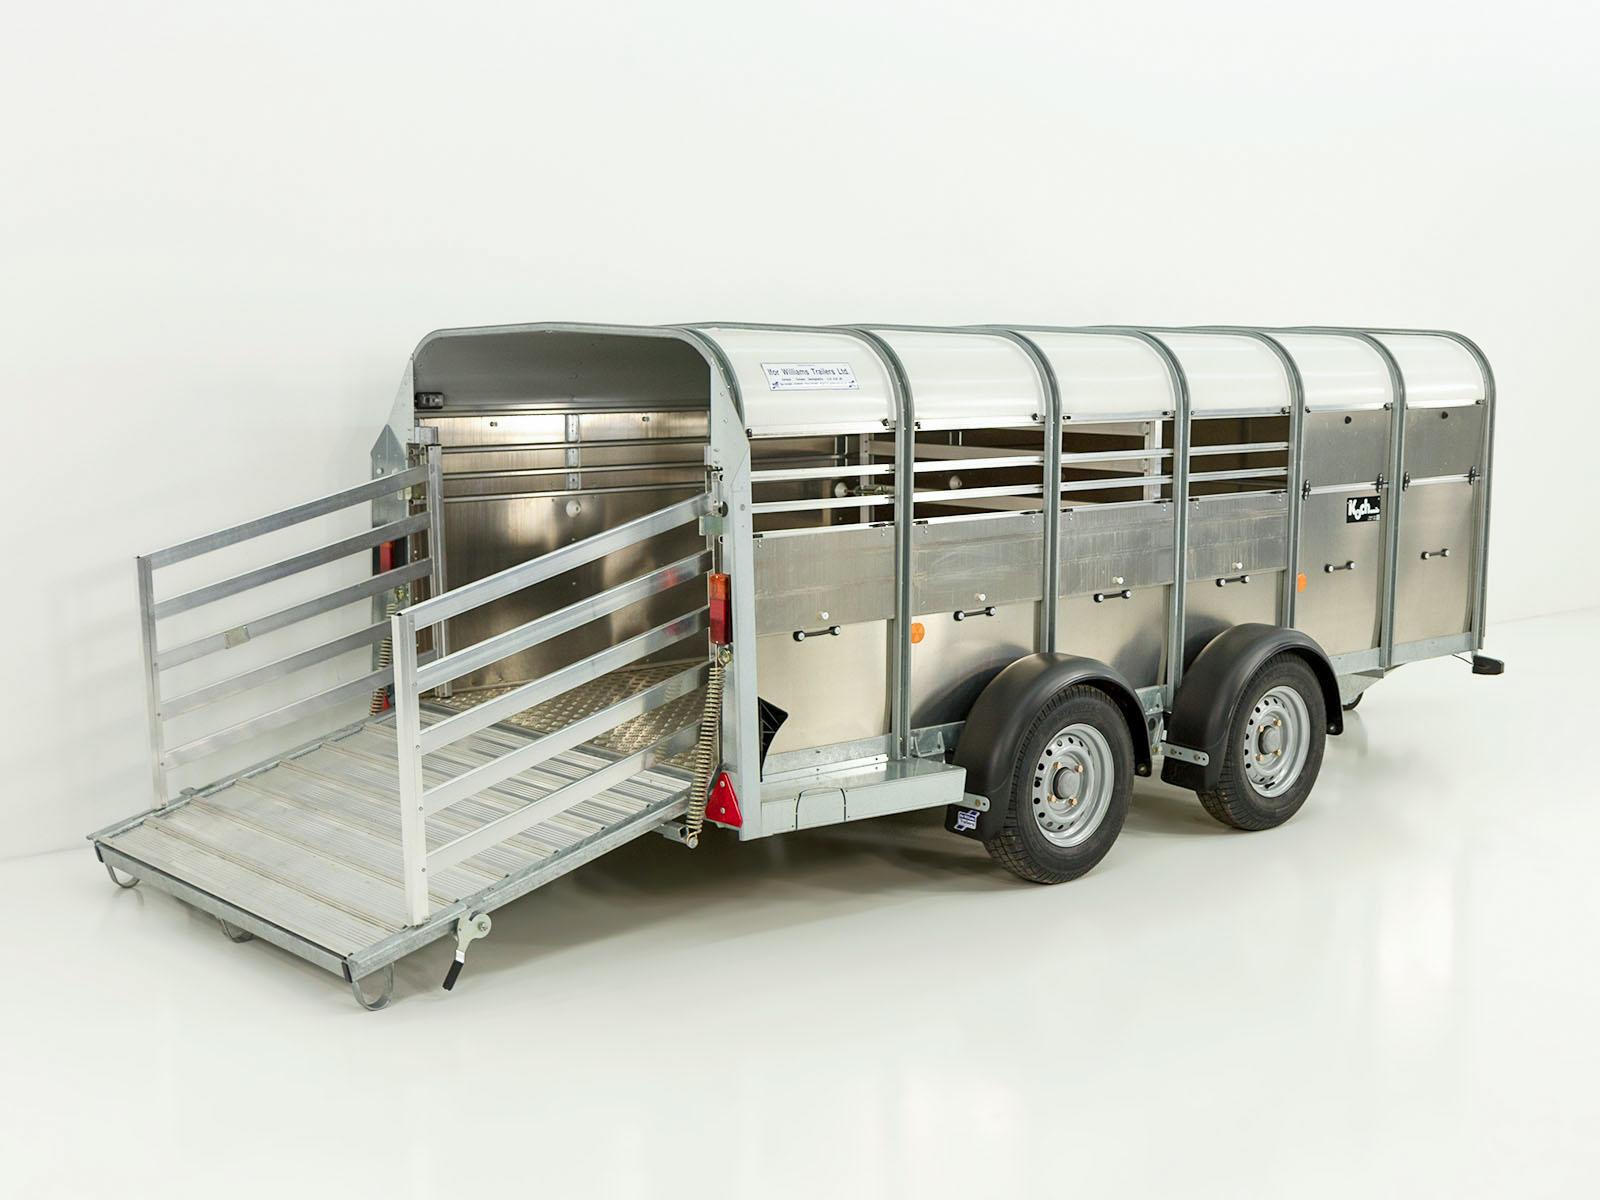 Sonstige-Viehanhaenger-Pferdetransporter-Viehanhaenger-TA5-156x372cm-Hoehe-120cm-2-7t-Ifor-Williams_0658_01hYm81G6zQeLQW.jpg